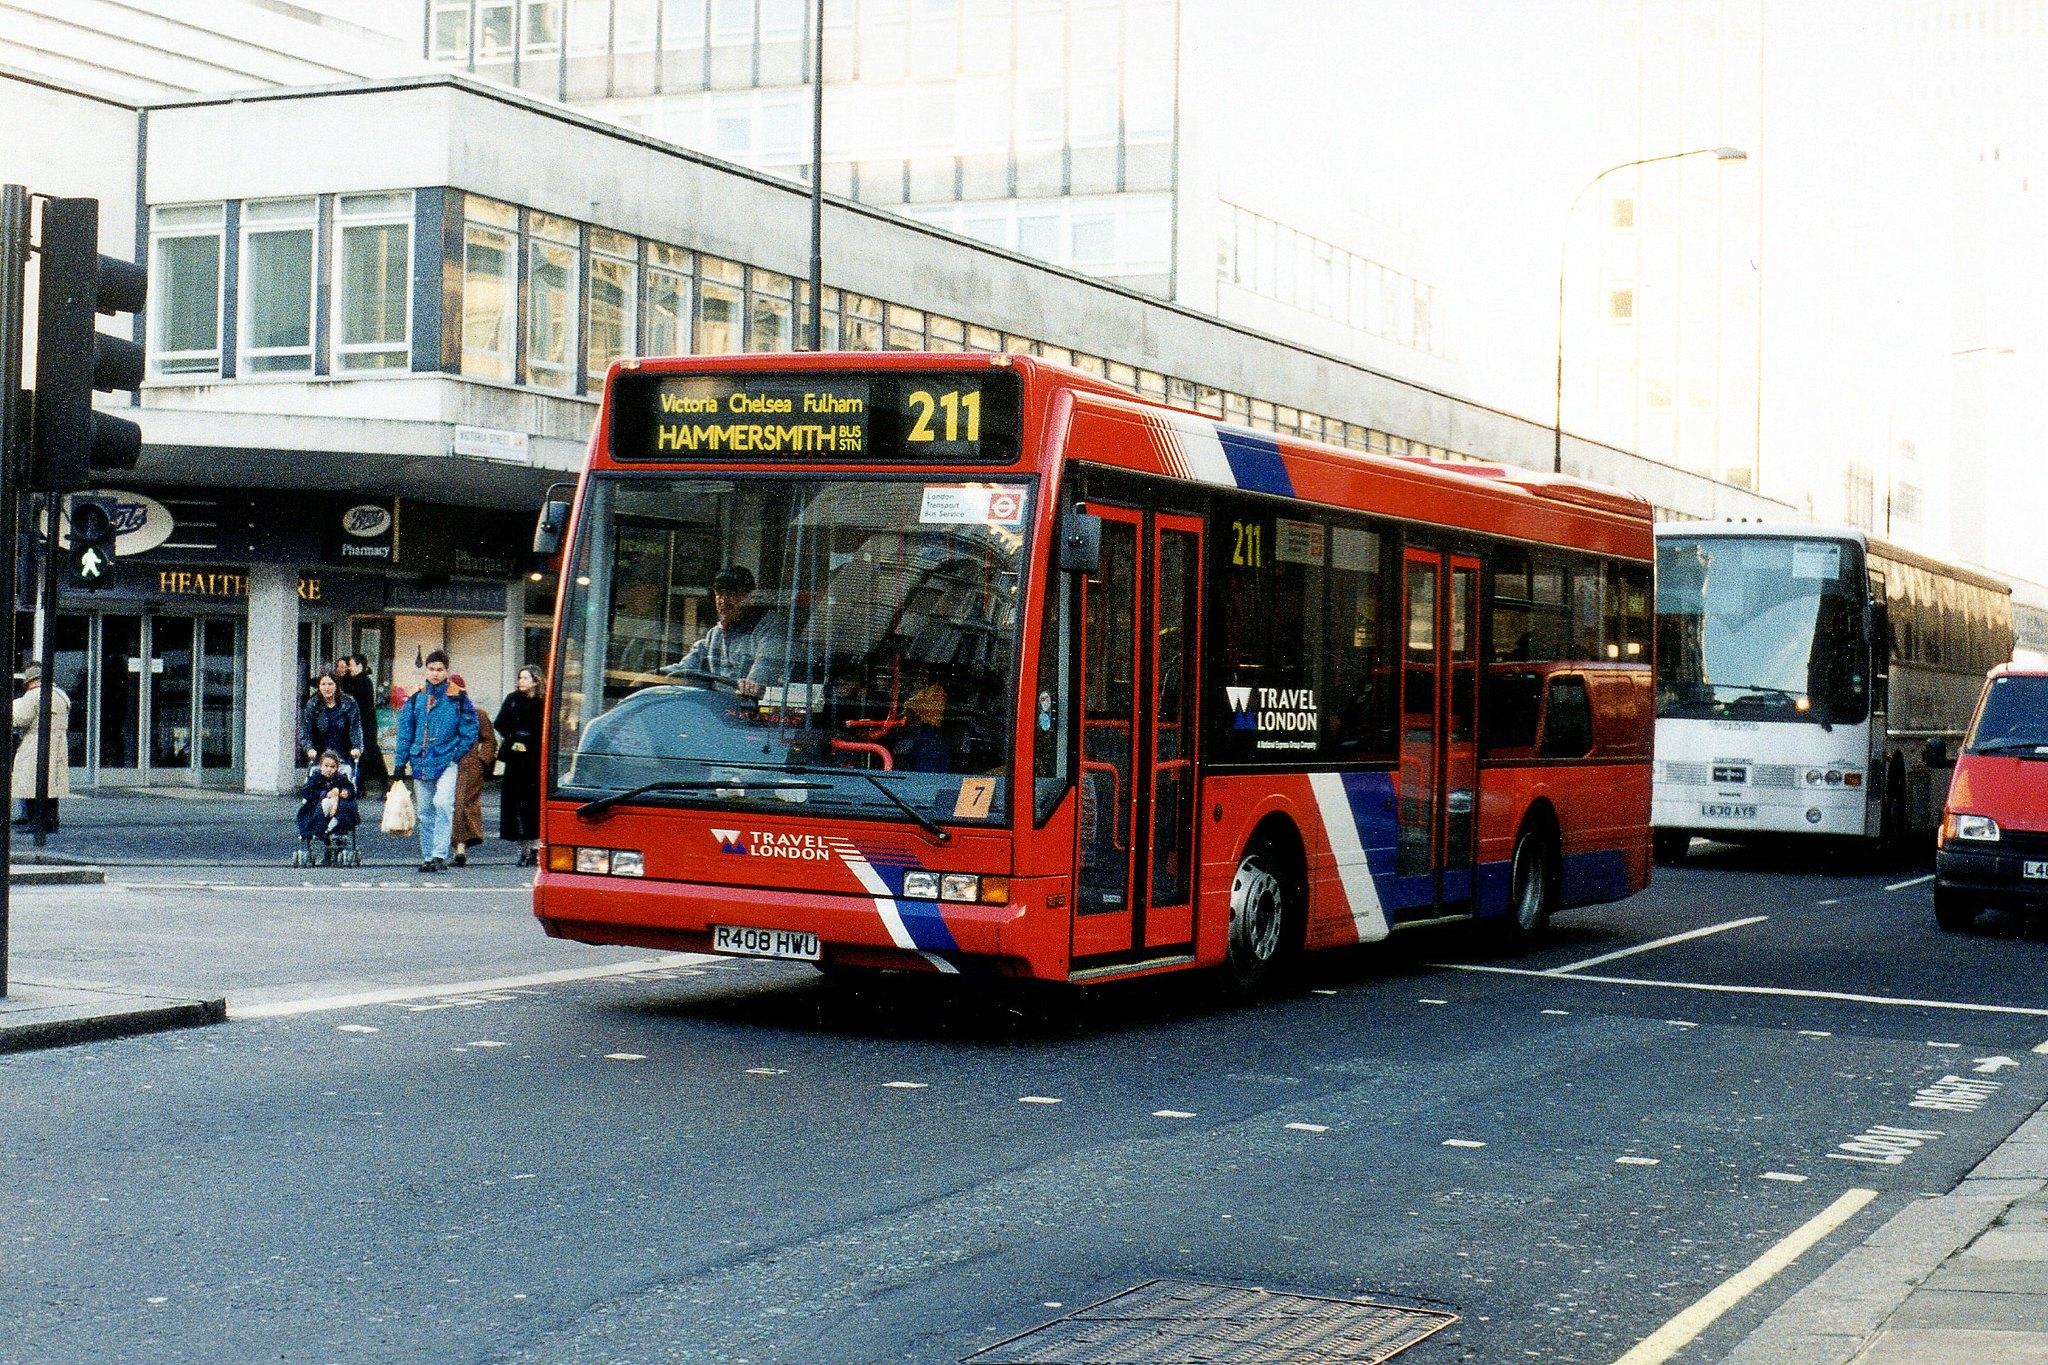 #AYearOfBuses 211: Hammersmith – Waterloo